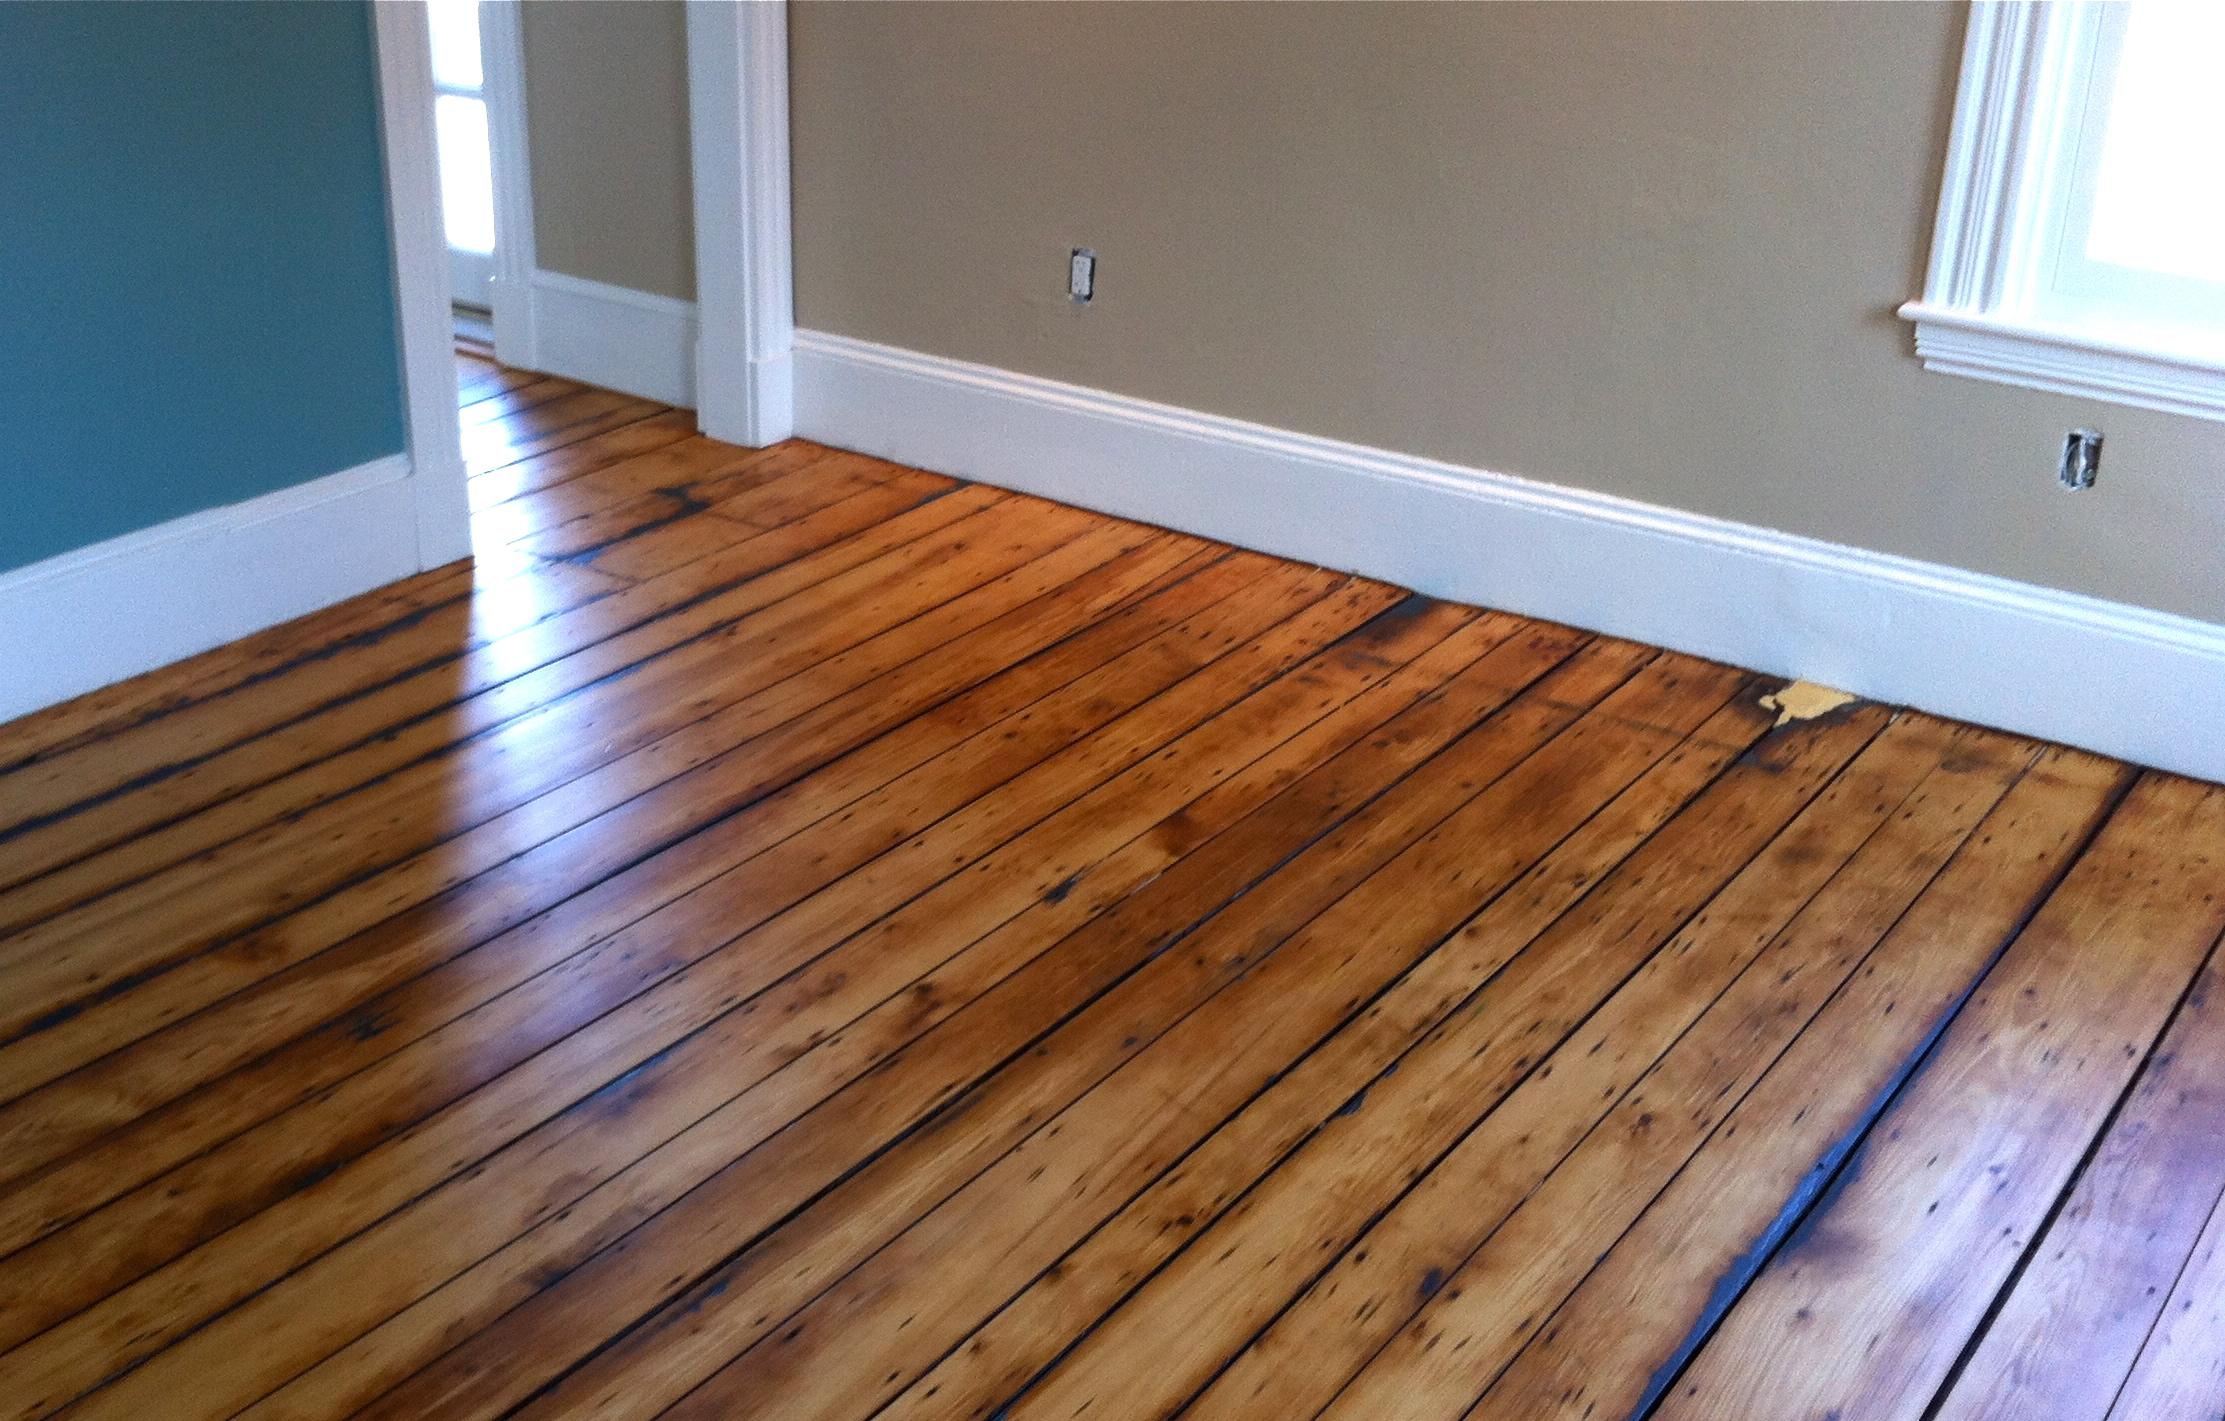 painting wood floor ideas custom best 25+ painted wood floors